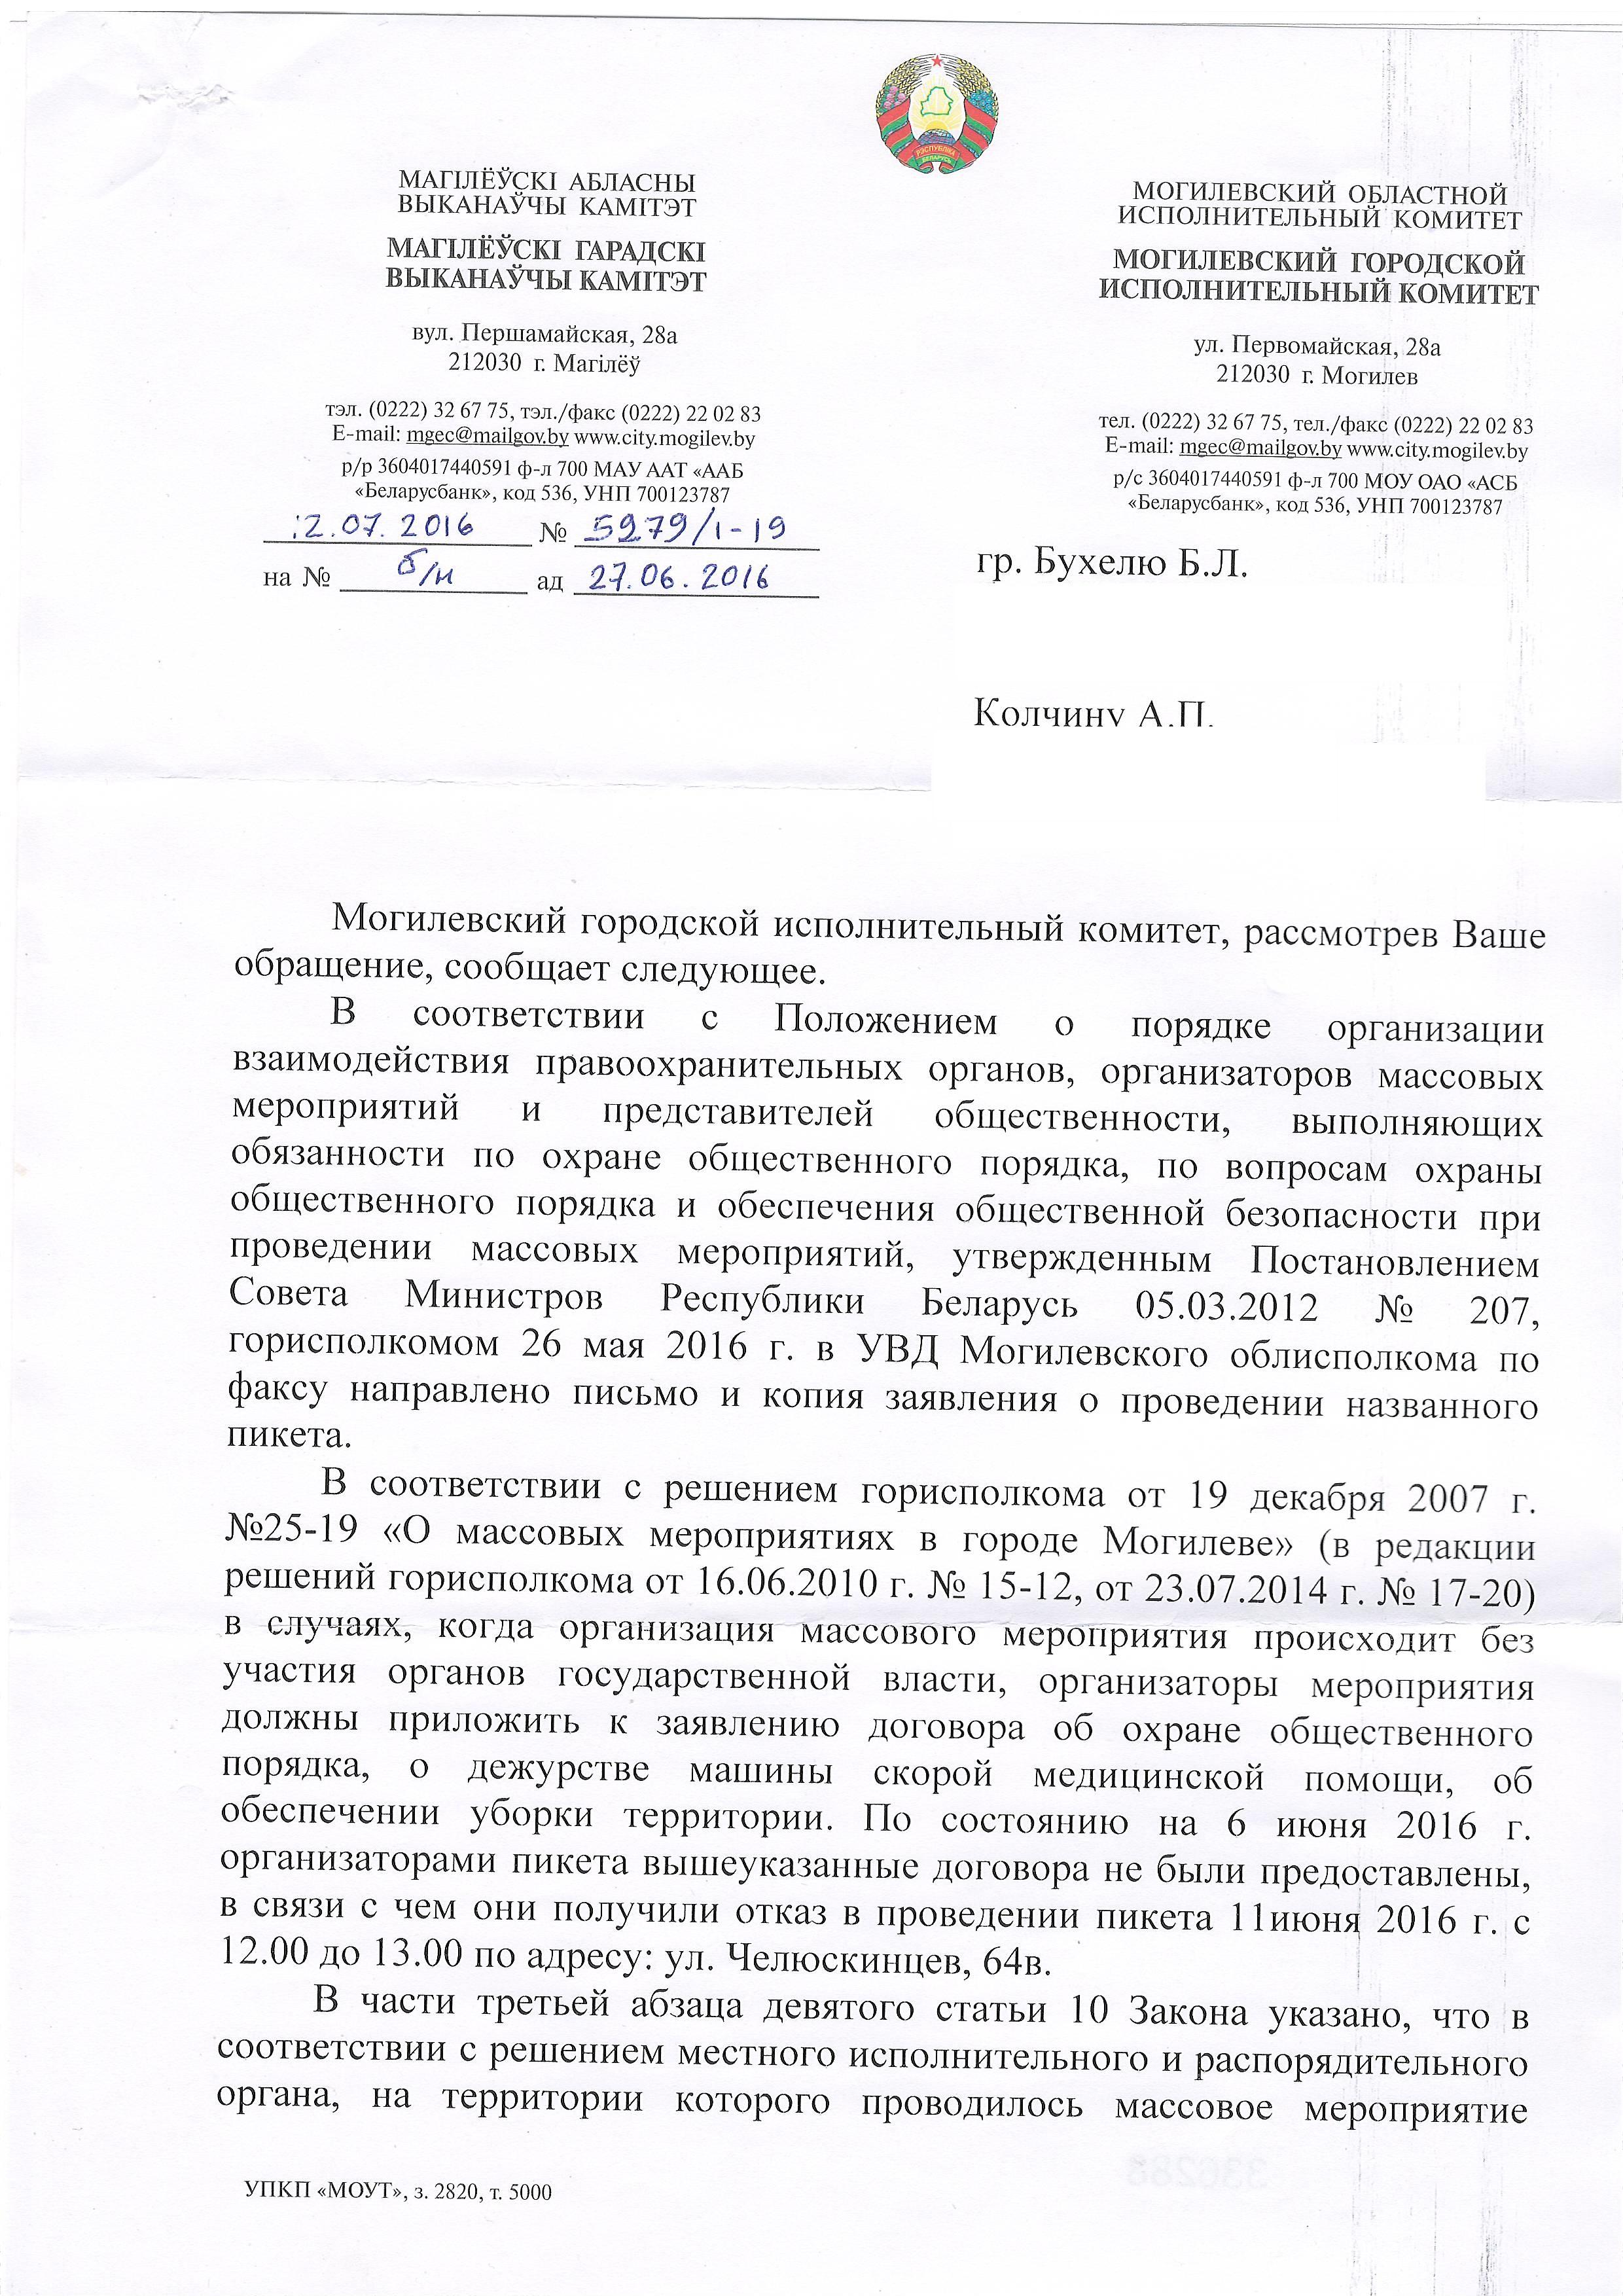 Бухель Колчин - ответ горисполкома  12.07.2016-1